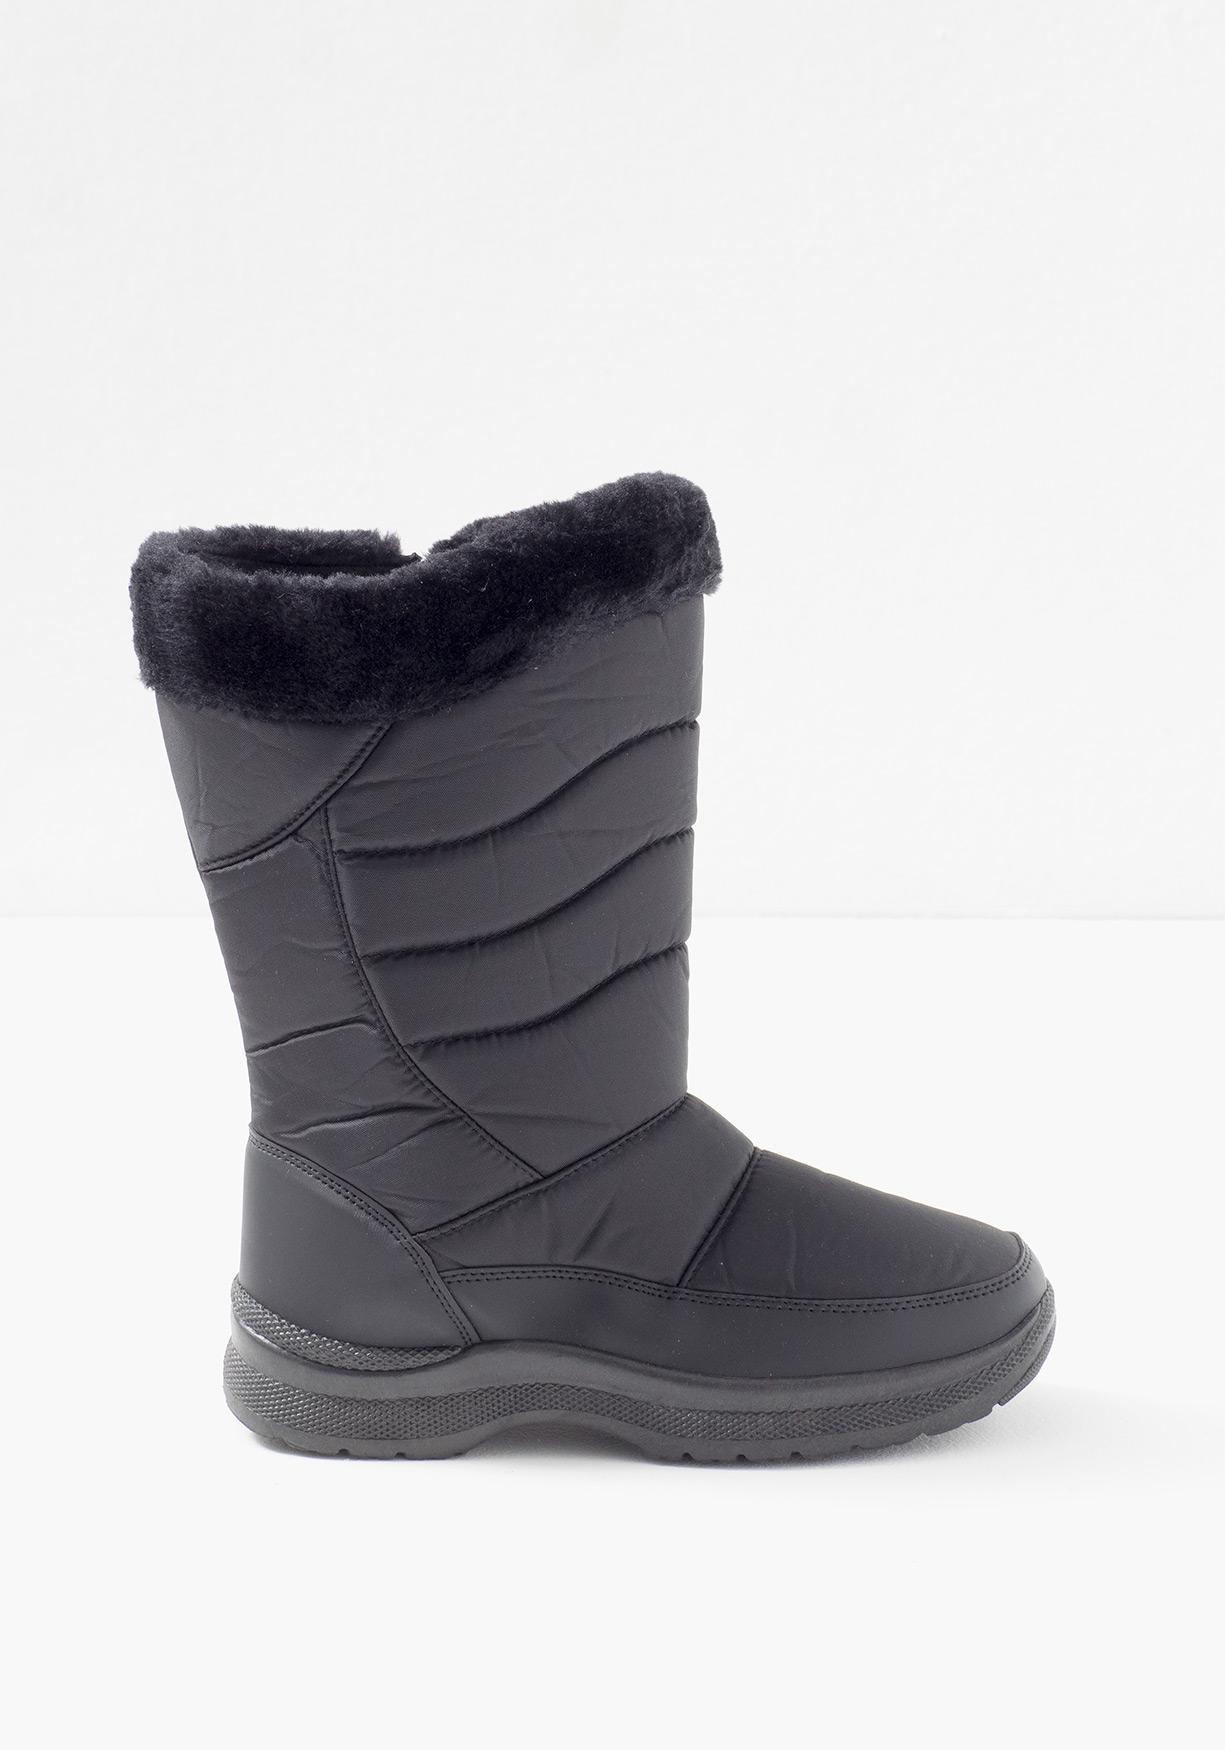 0903da780 Comprar Botas de nieve TEX. ¡Aprovéchate de nuestros precios y ...